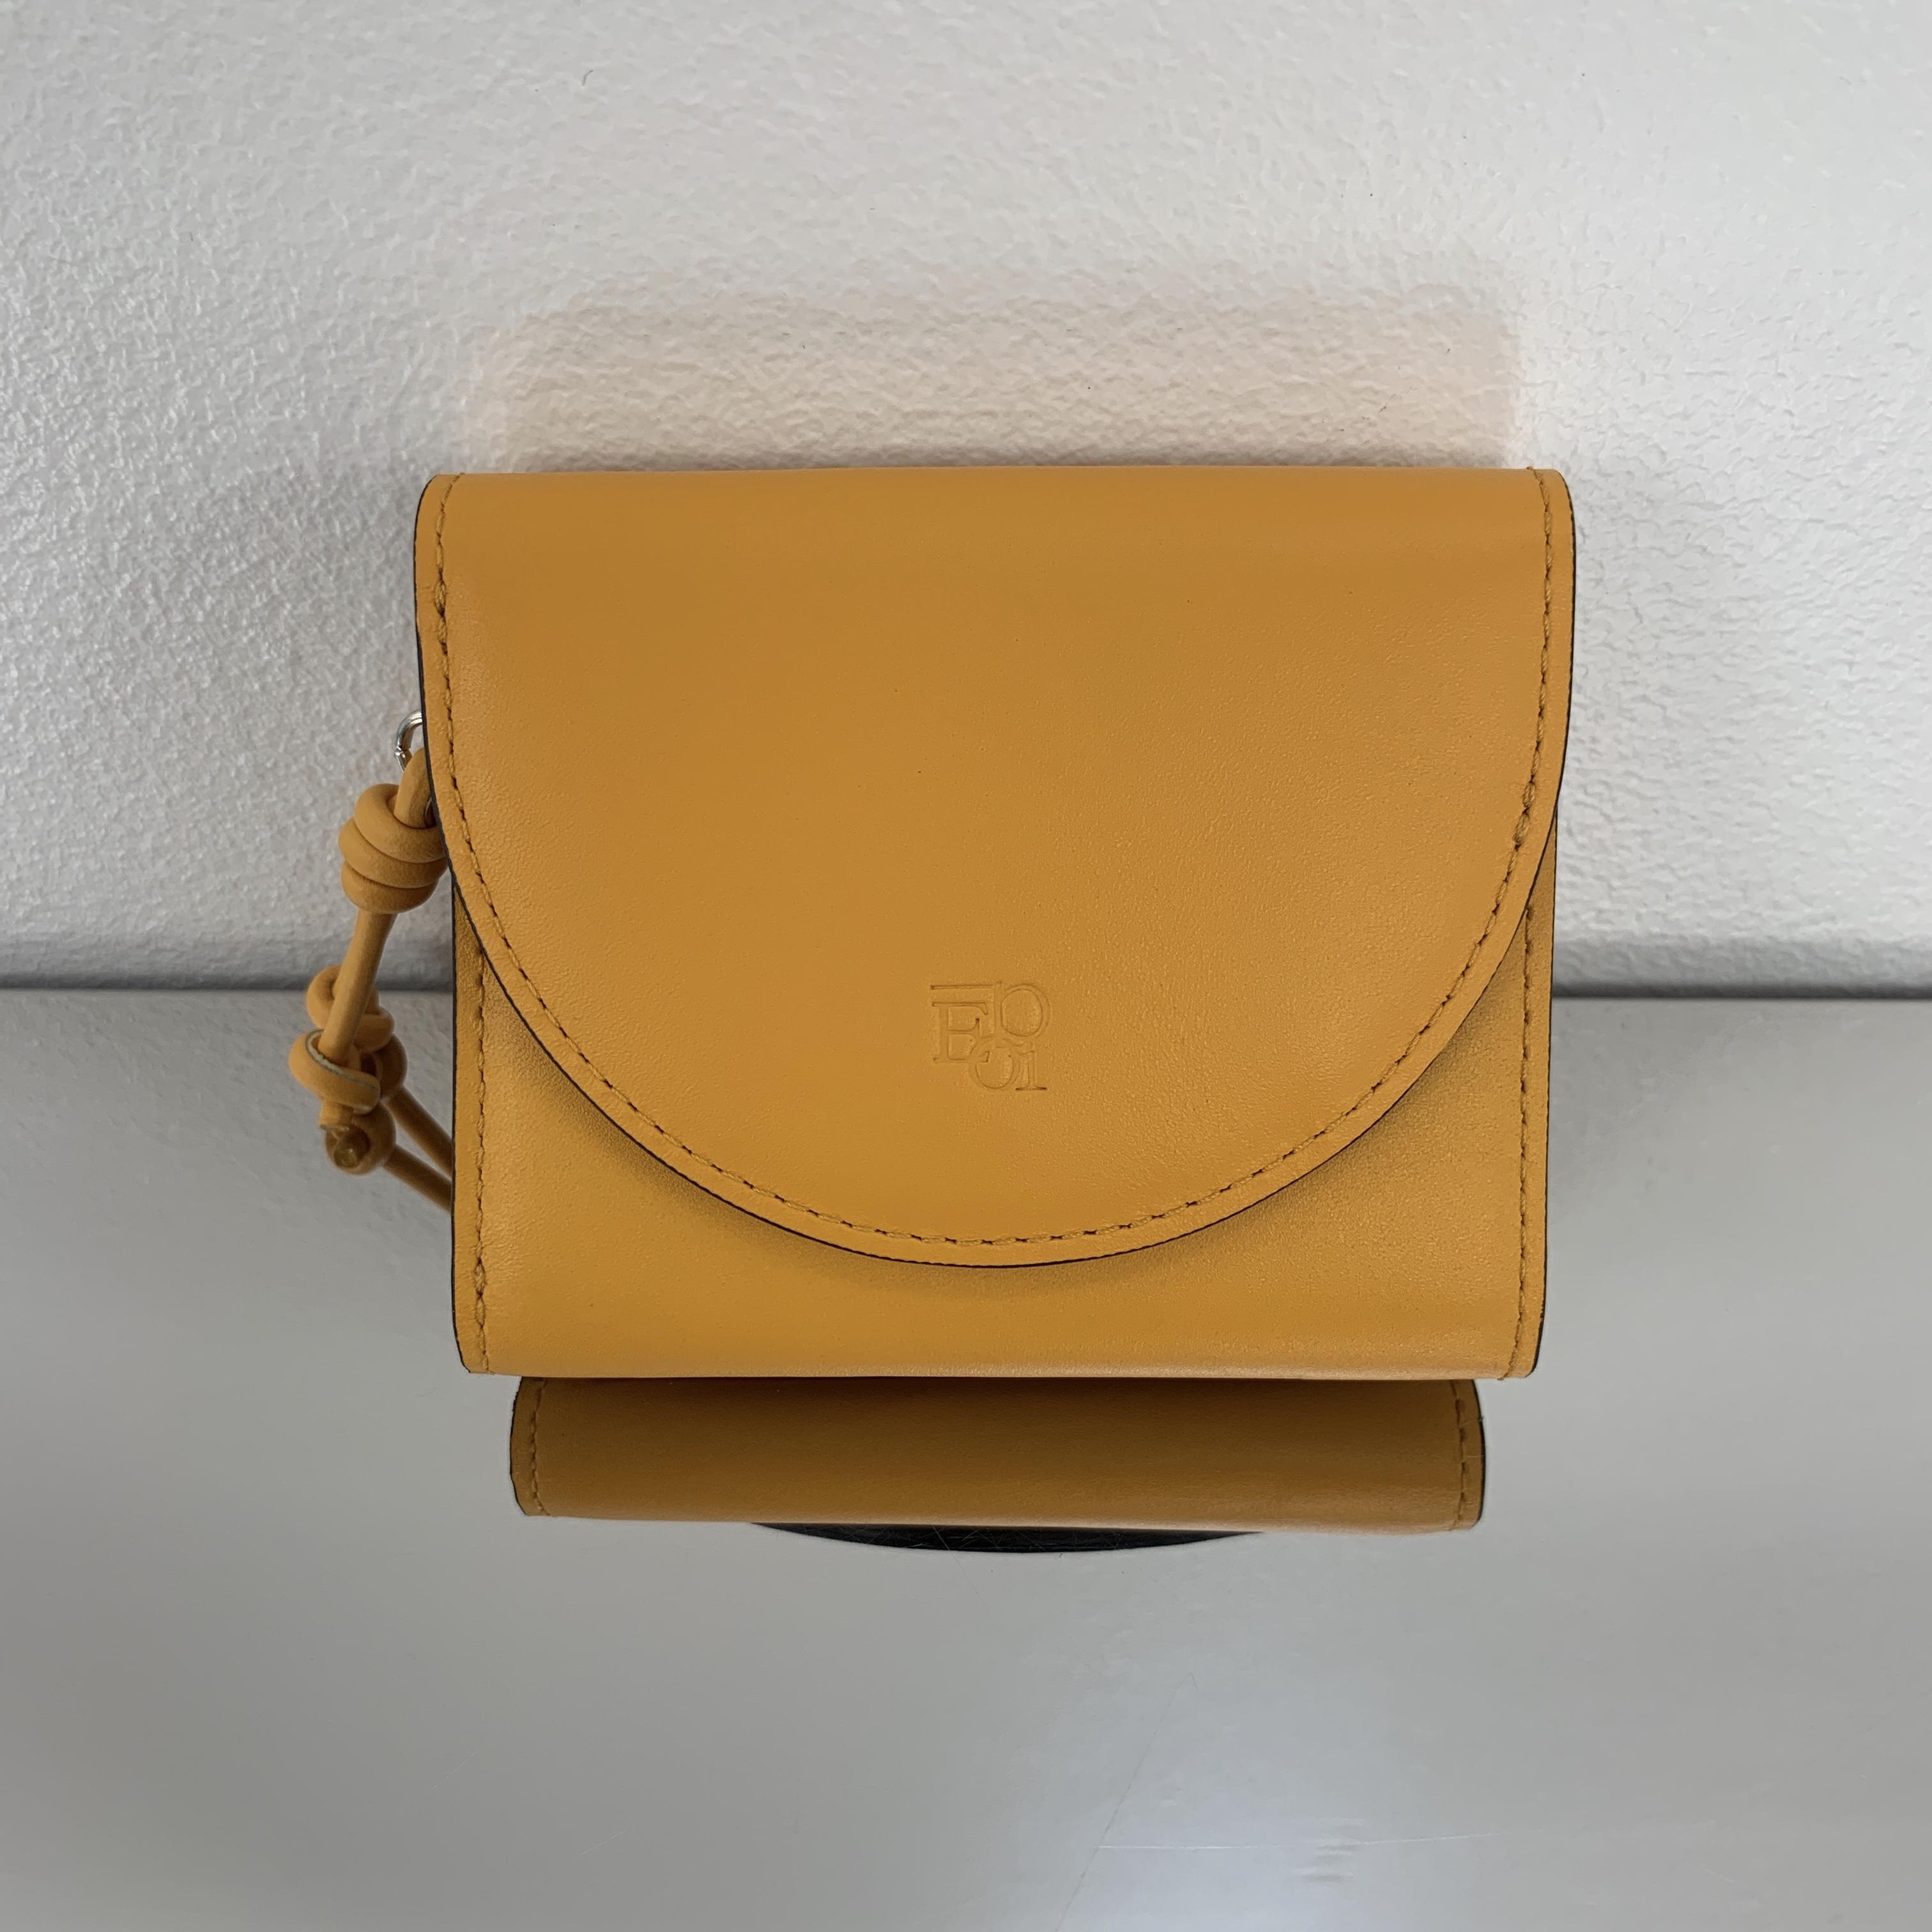 財布の色の持つ意味